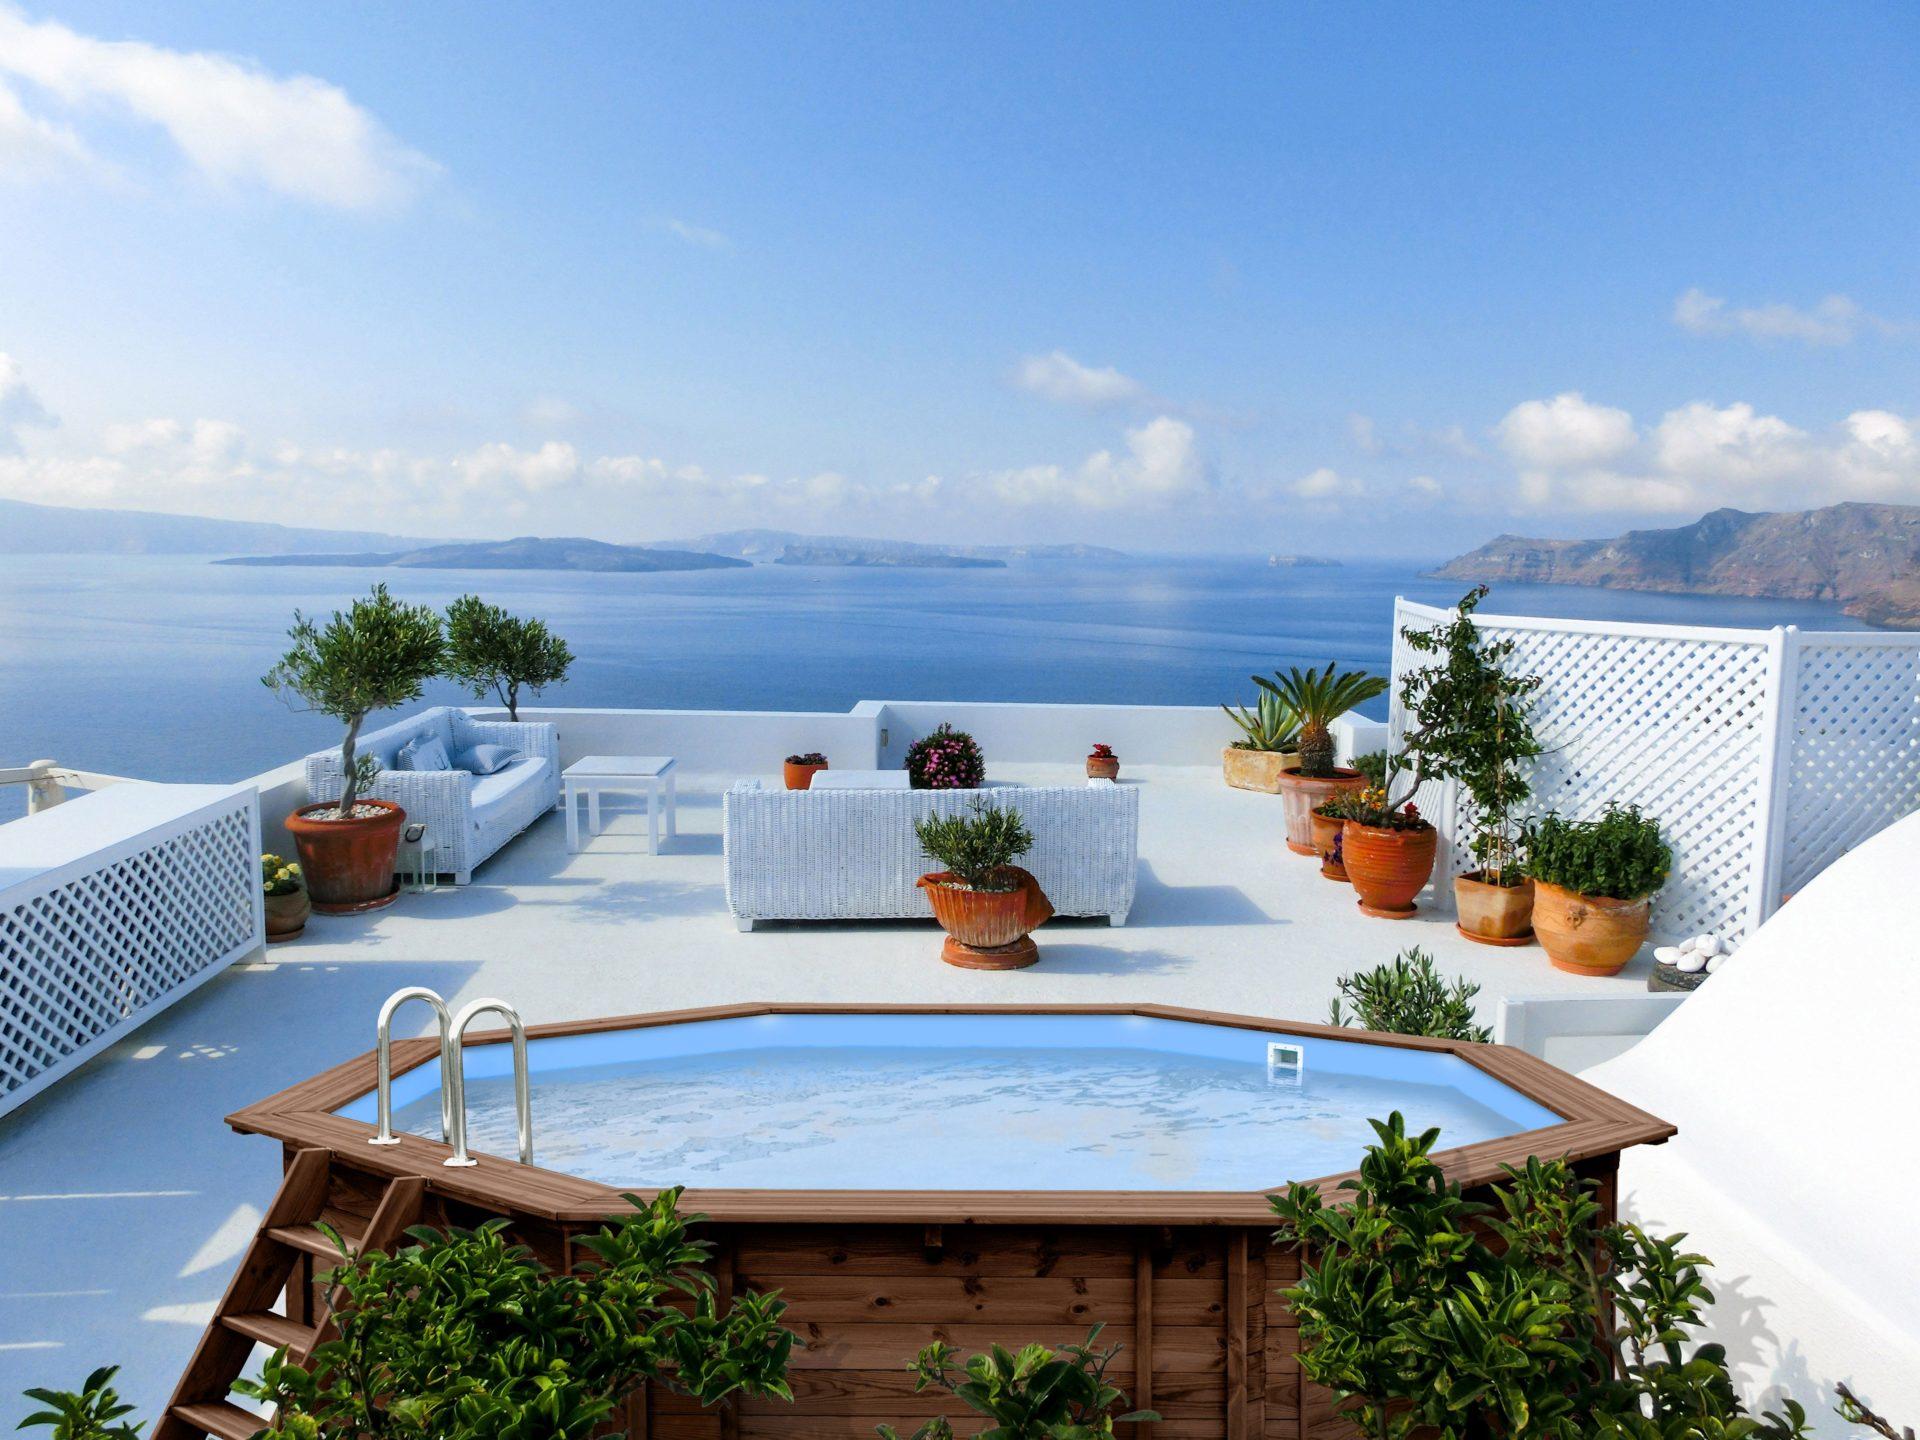 Abatec Above Ground Pools Premium Mauritius